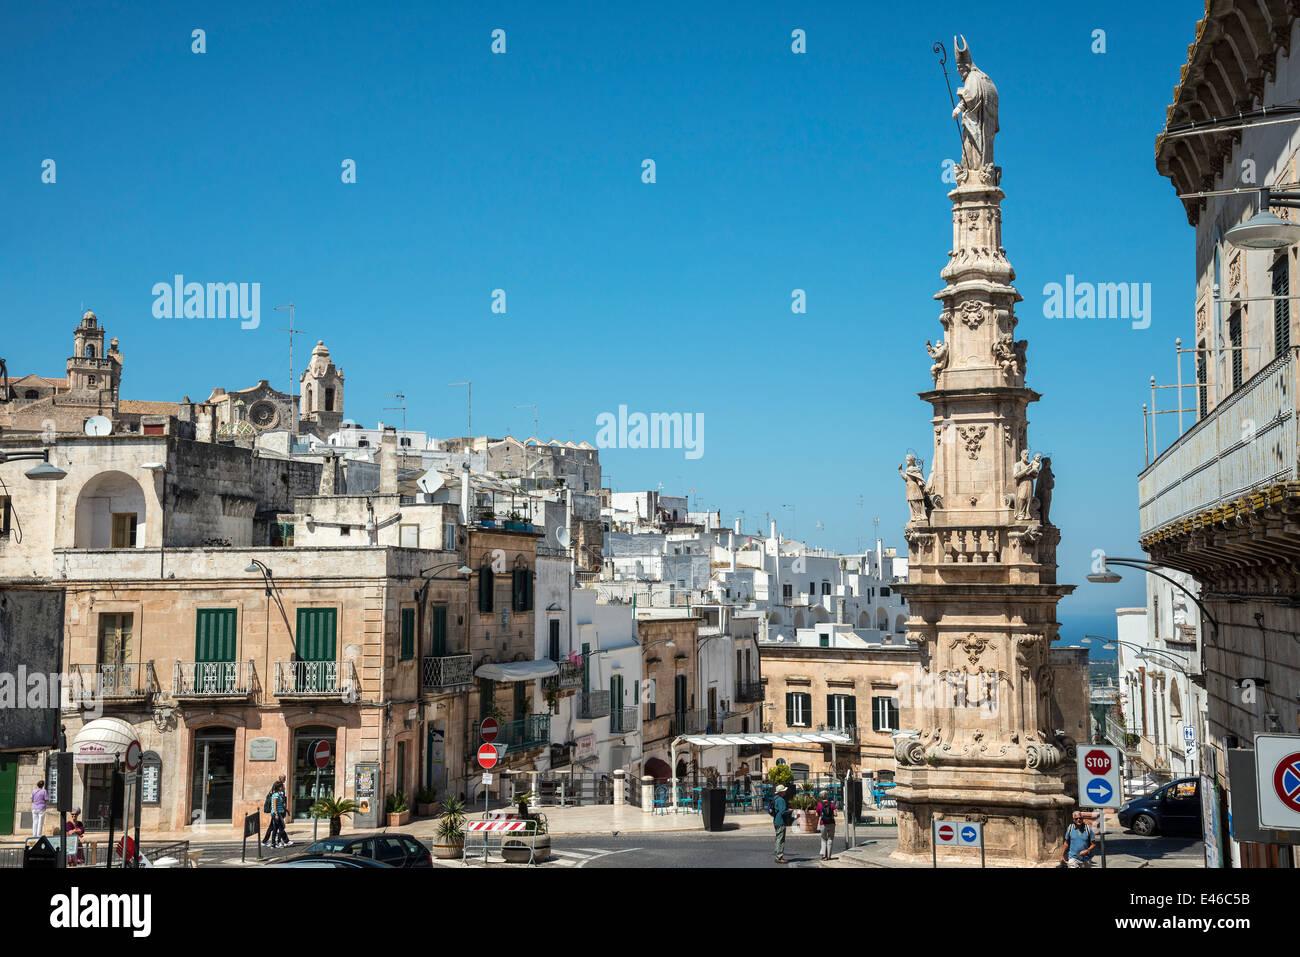 The Piazza della Liberta and monument to St. Oronzo at Ostuni, Puglia, Italy - Stock Image